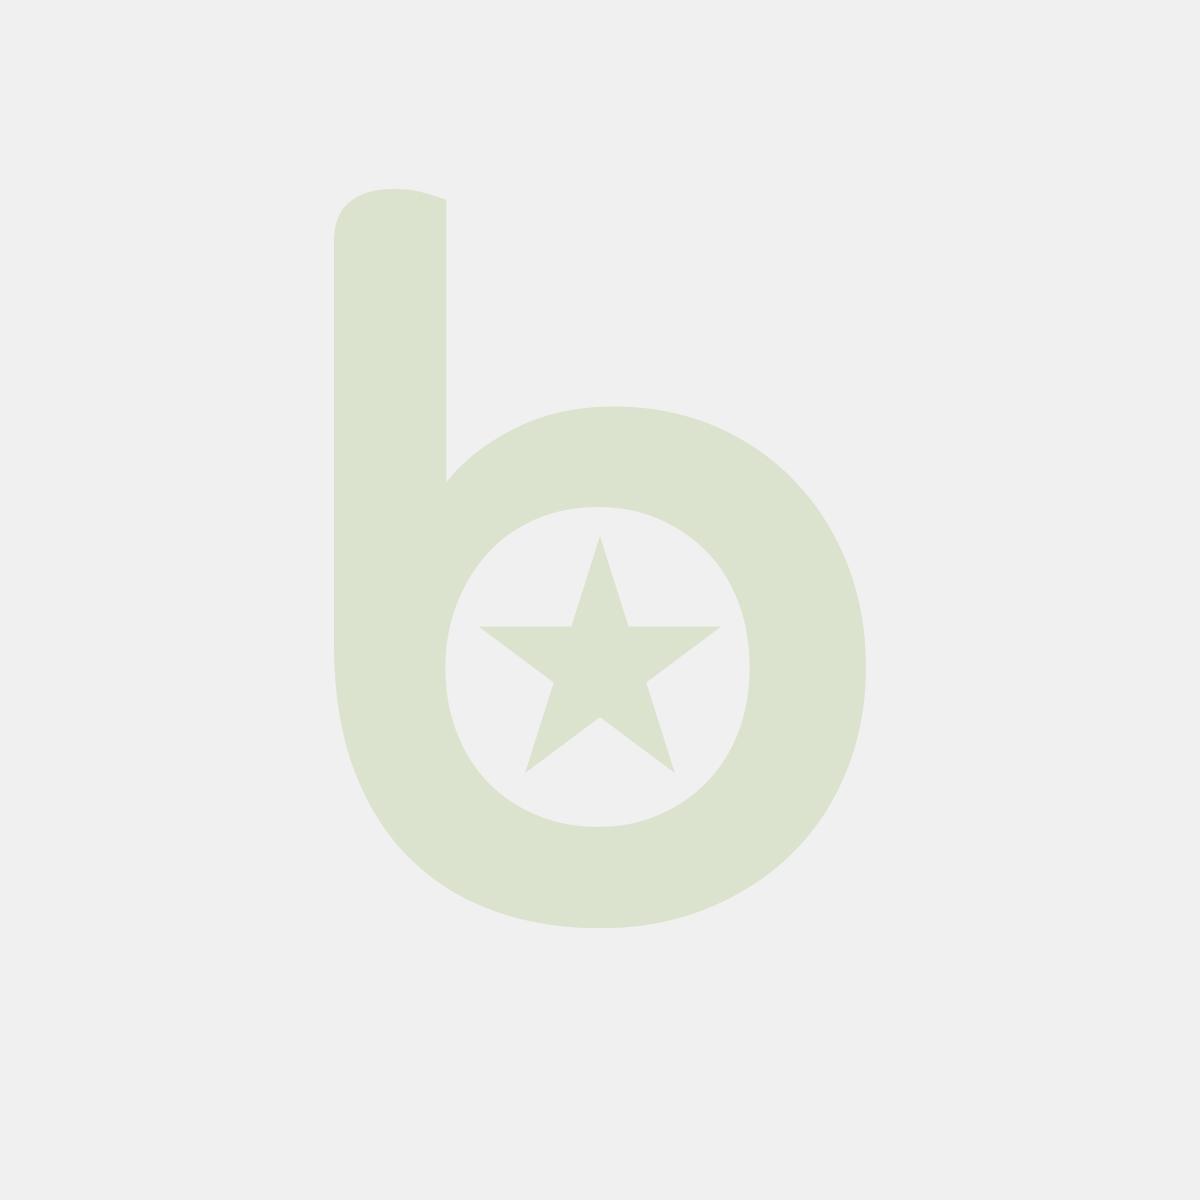 FINGERFOOD - kubek KUBO 60ml PS transparentny op. 25 sztuk